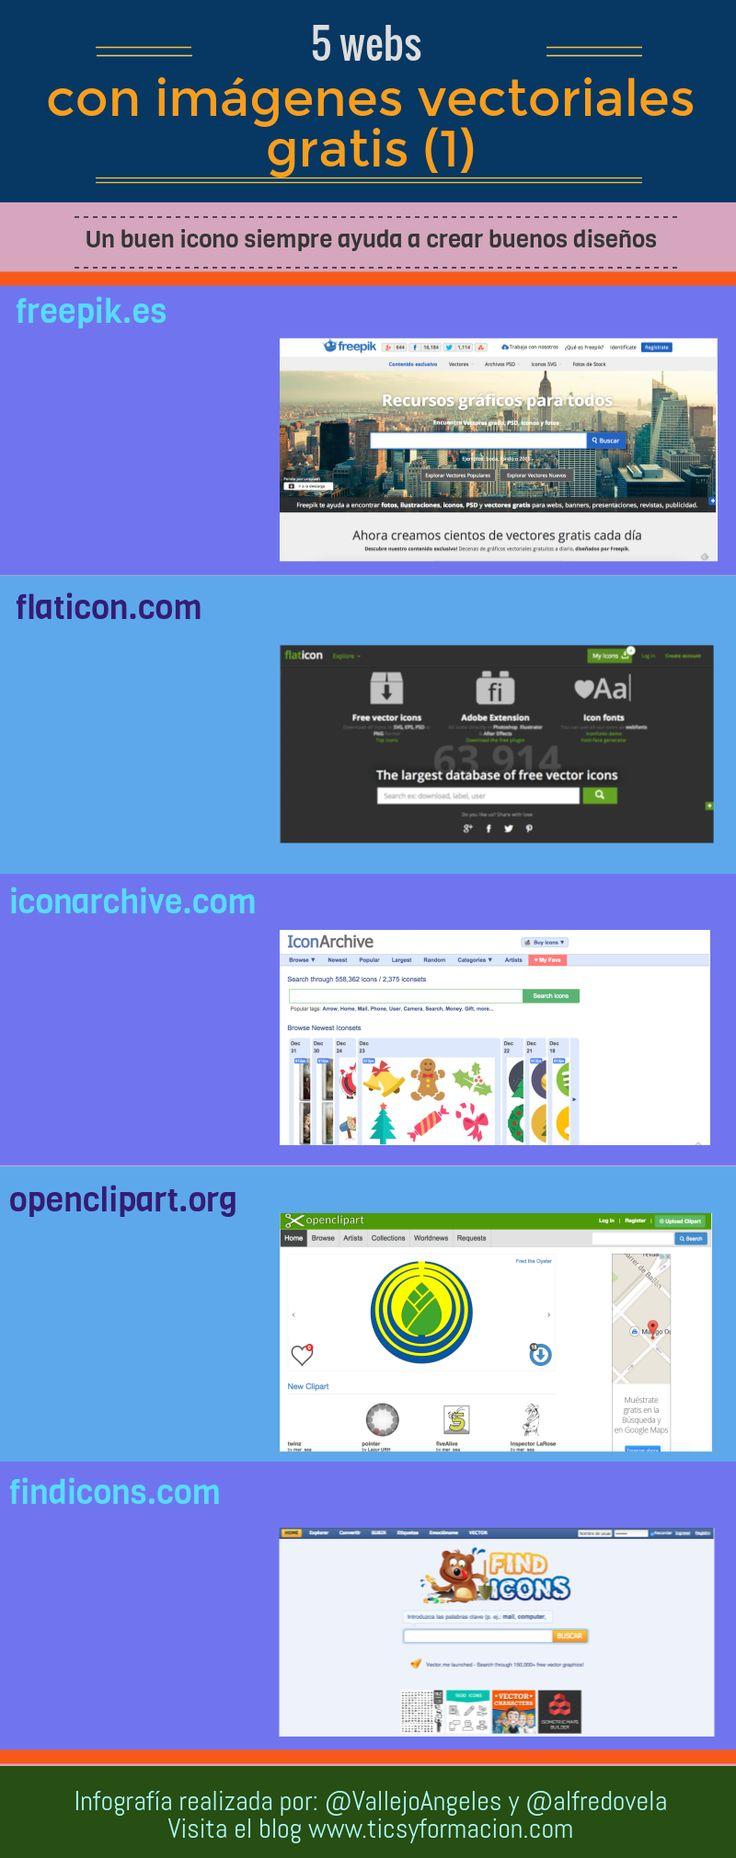 Una infografía con 5 webs con imágenes vectoriales gratis (1). Infografía realizada con Piktochart. Un saludo